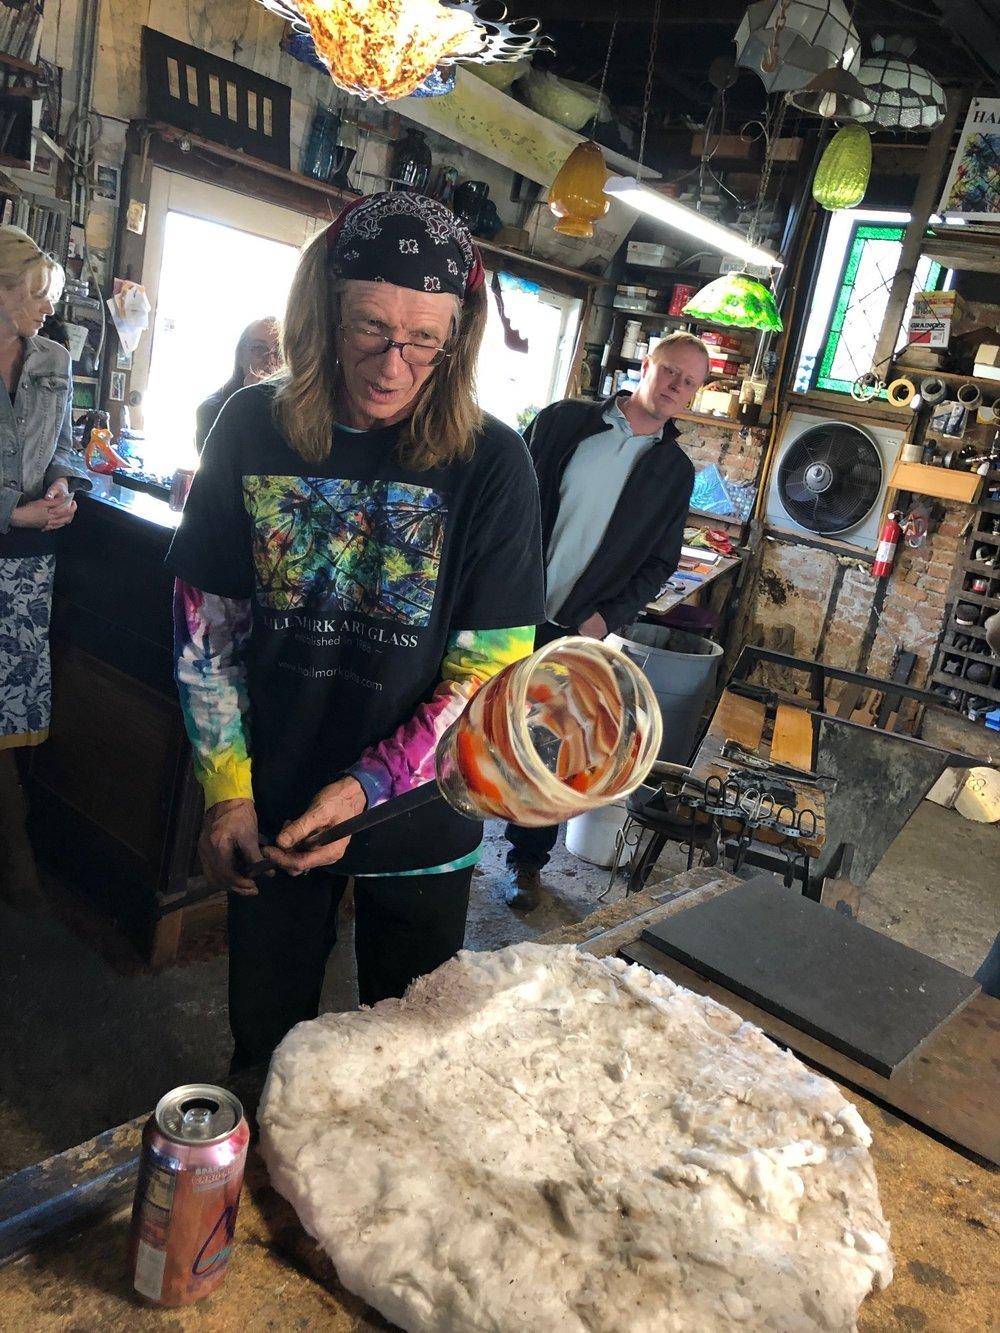 Mark Hall glassblowing a vase